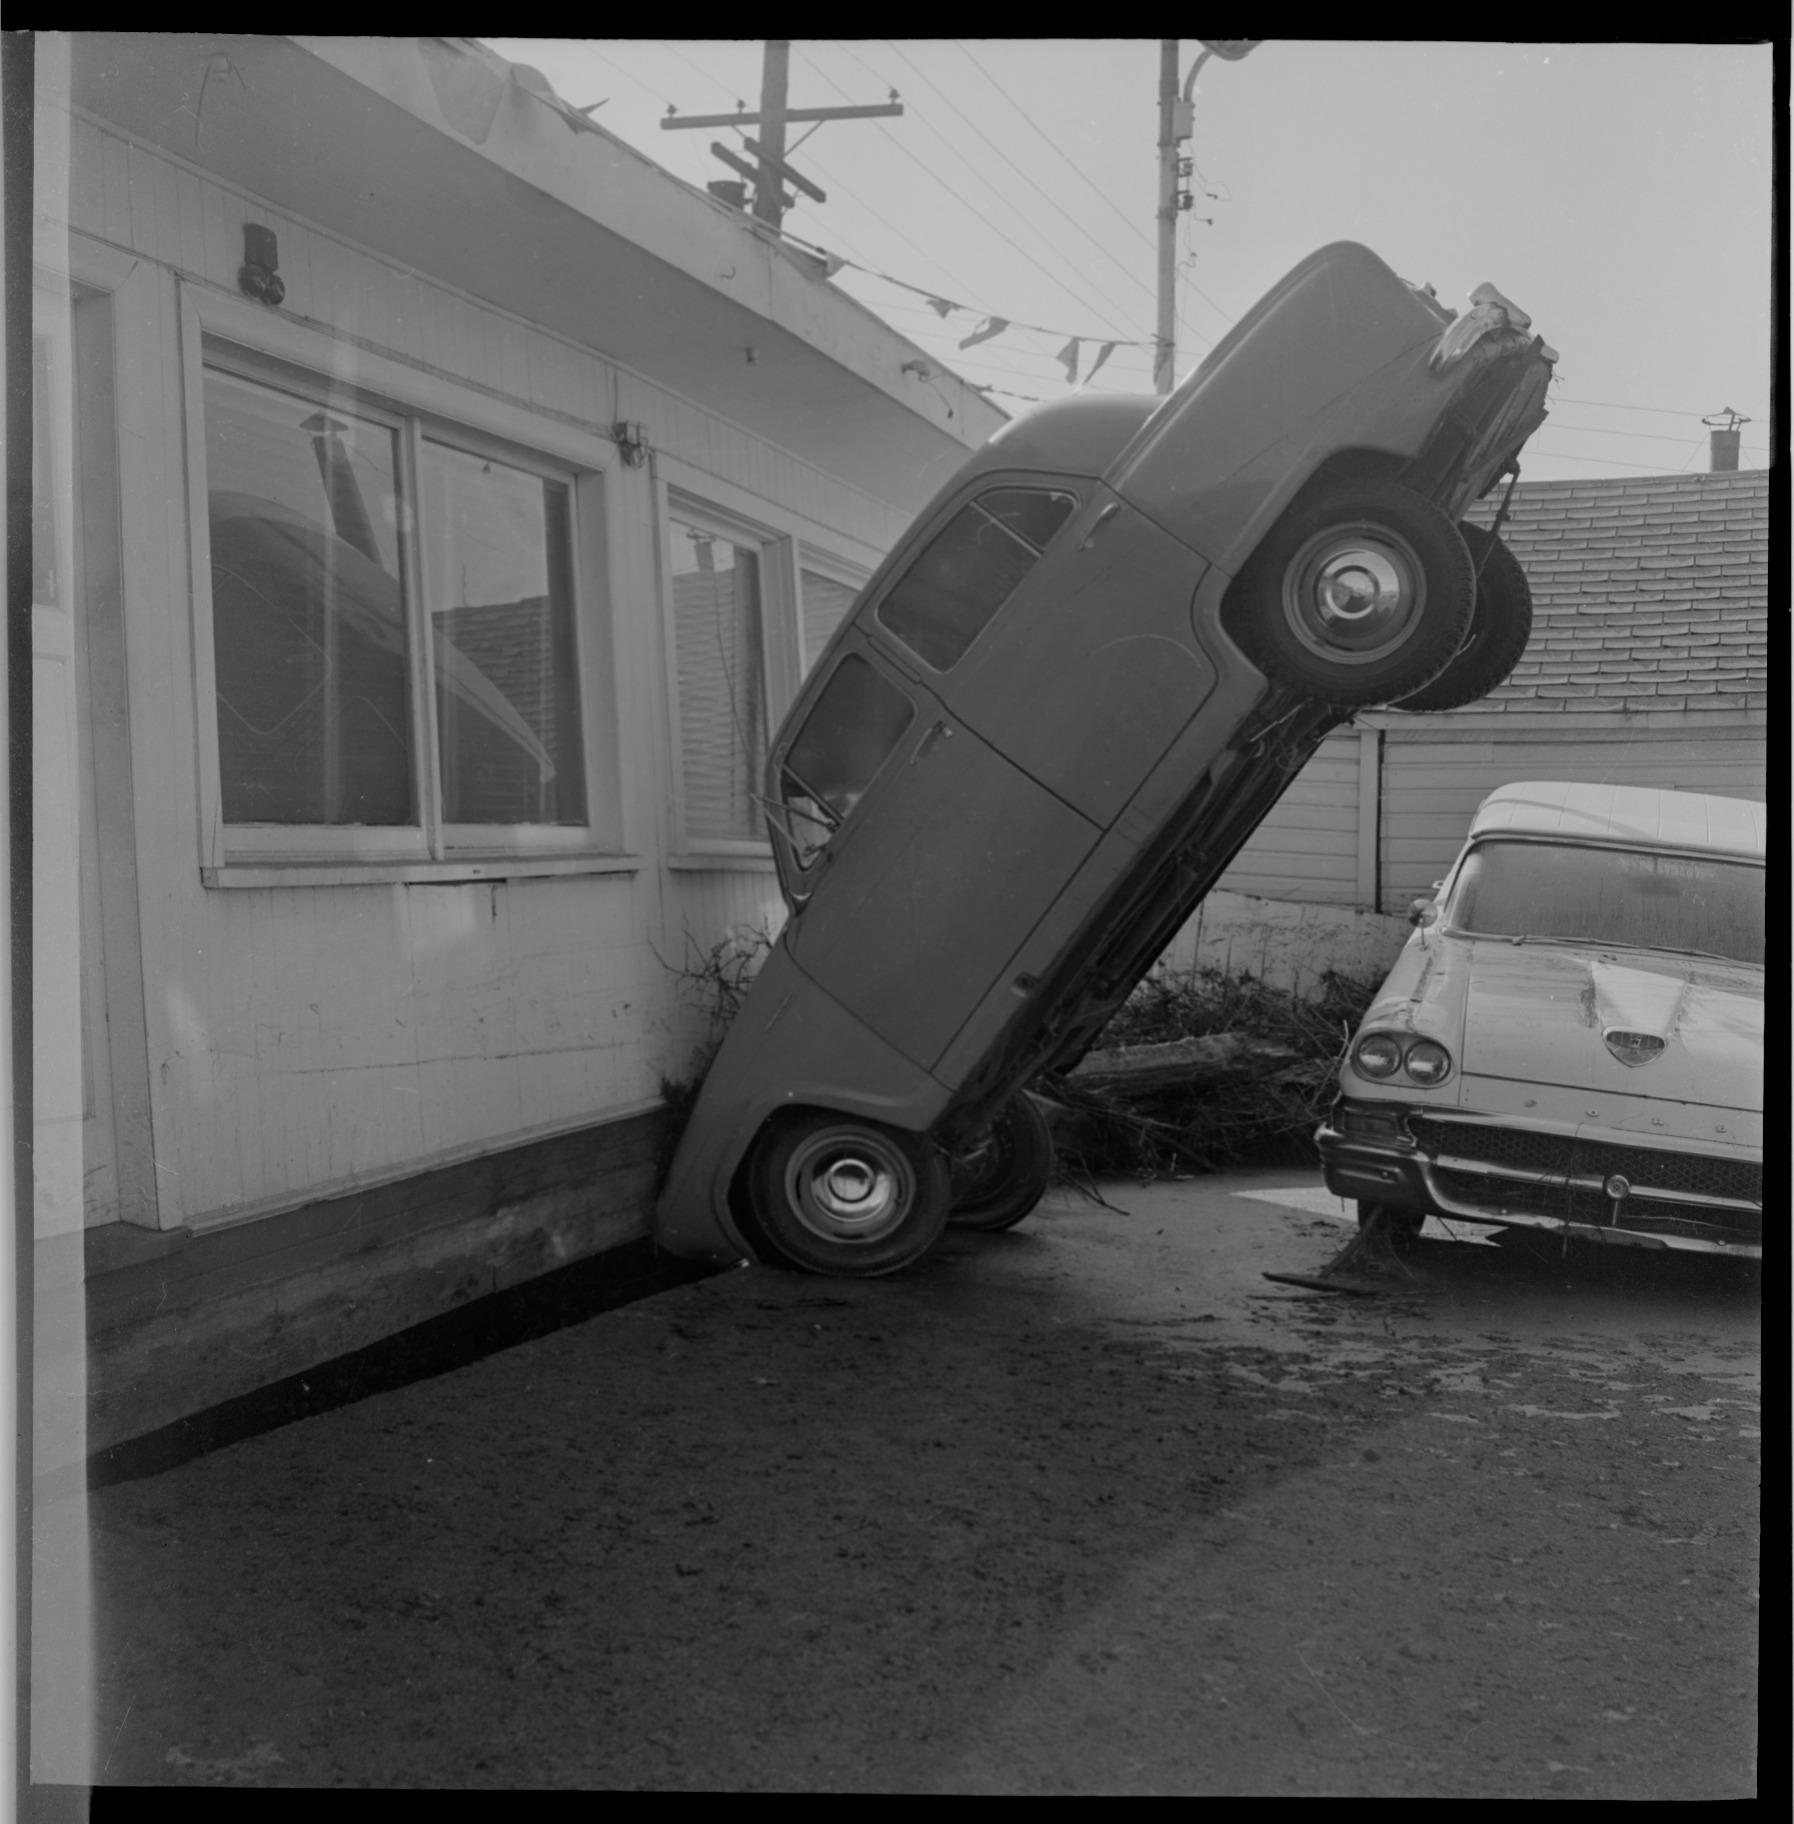 '64 Tsunami